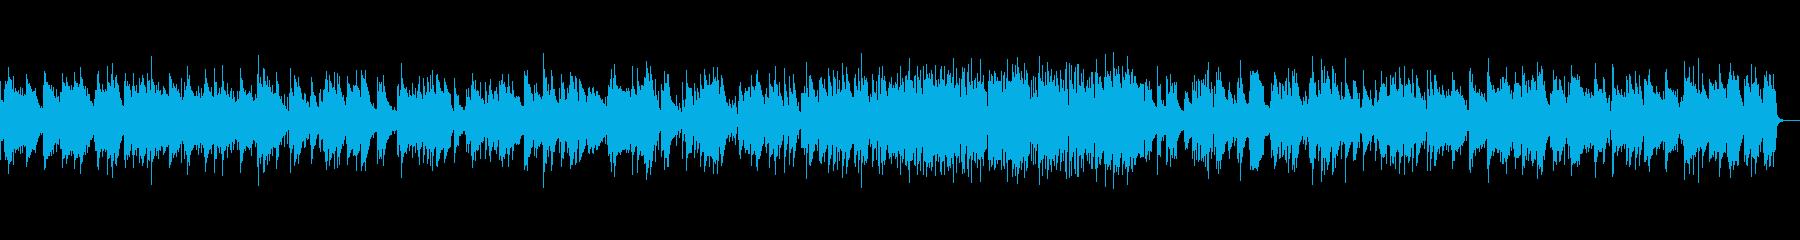 切ない感じのピアノトリオの再生済みの波形